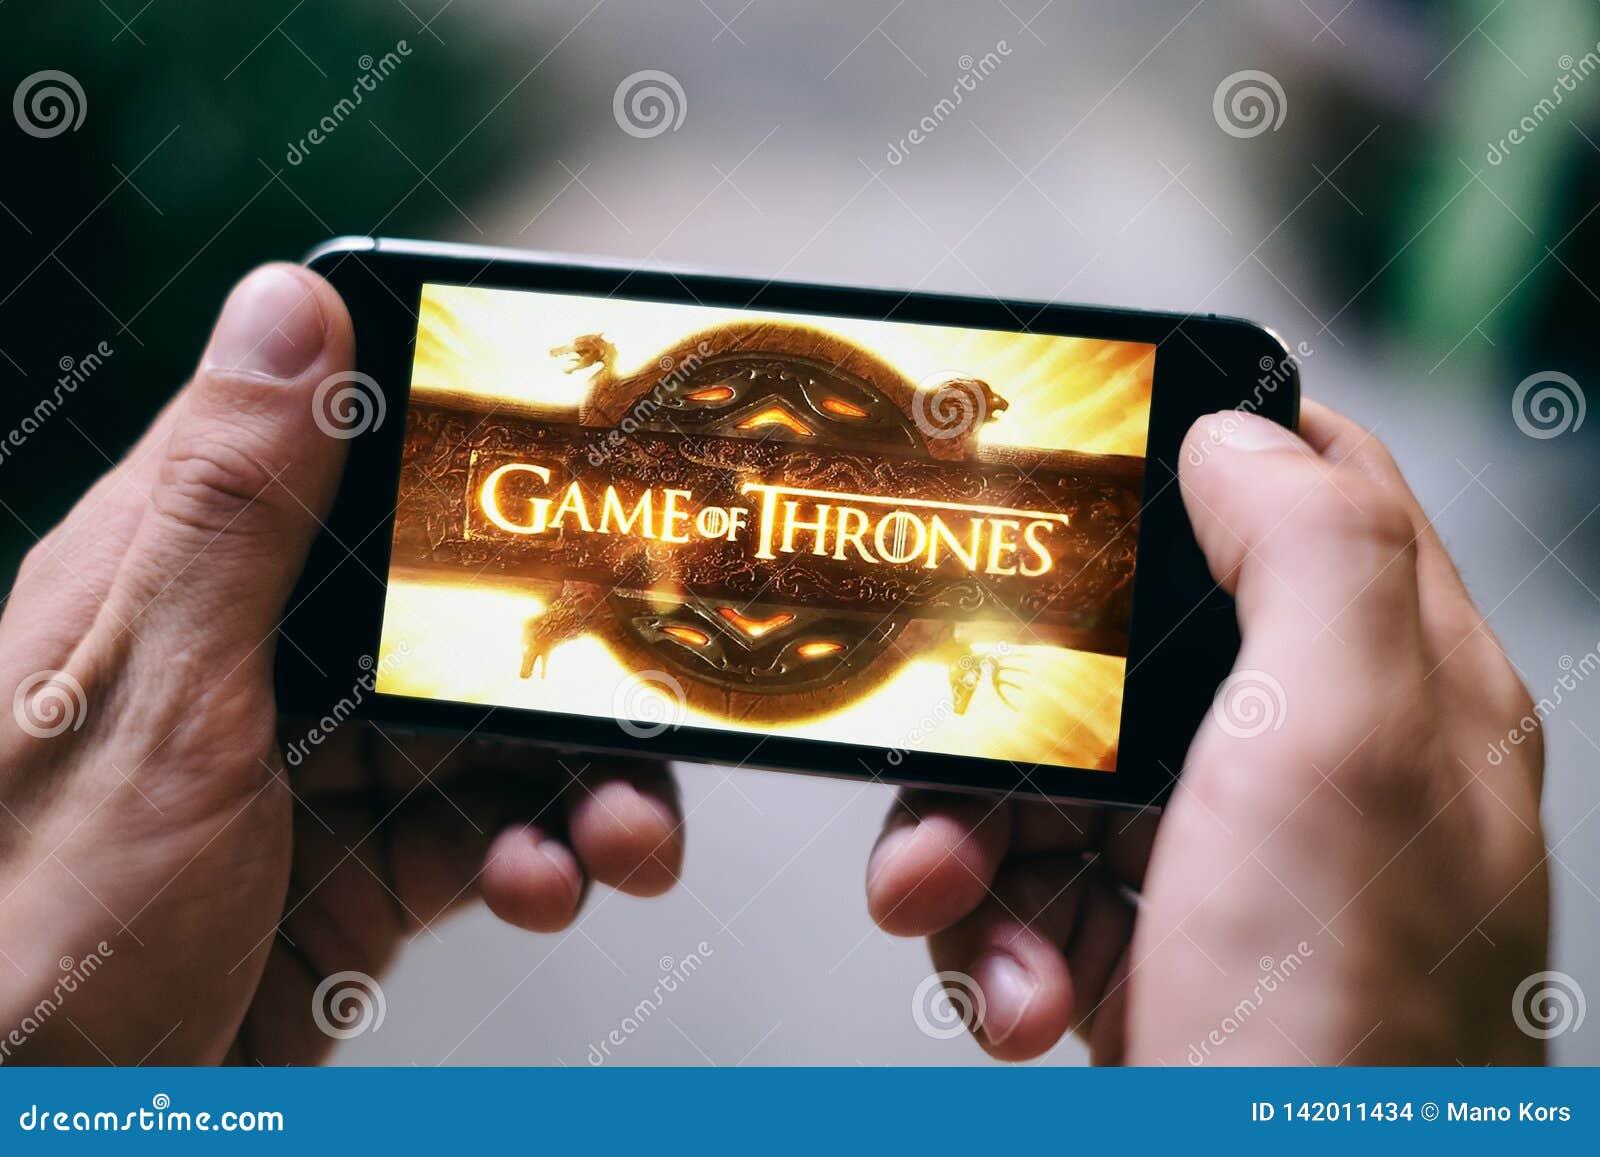 Spiel des Thronfernsehserielogos oder -ikone wird auf Smartphoneschirm angezeigt